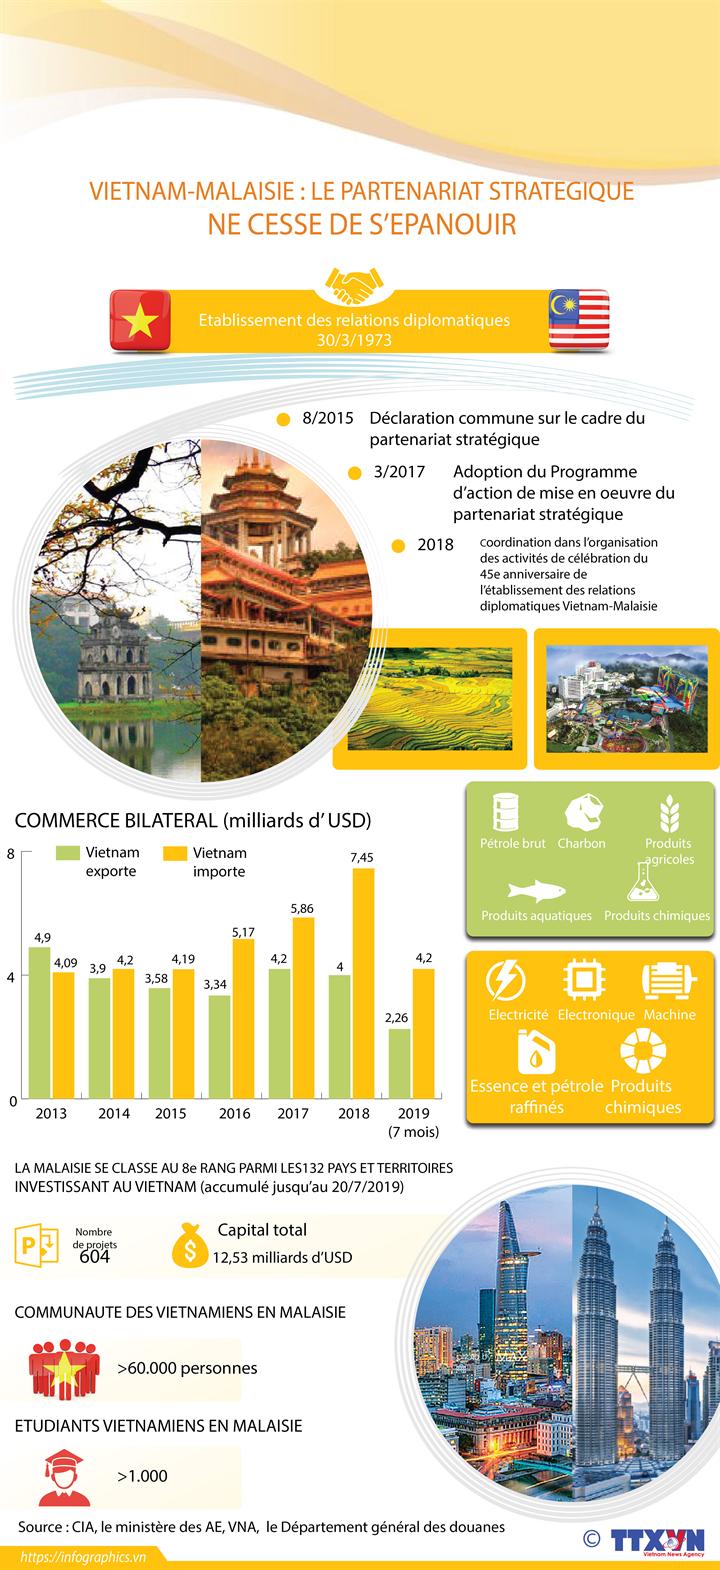 Vietnam-Malaisie : le partenariat stratégique ne cesse de s'épanouir